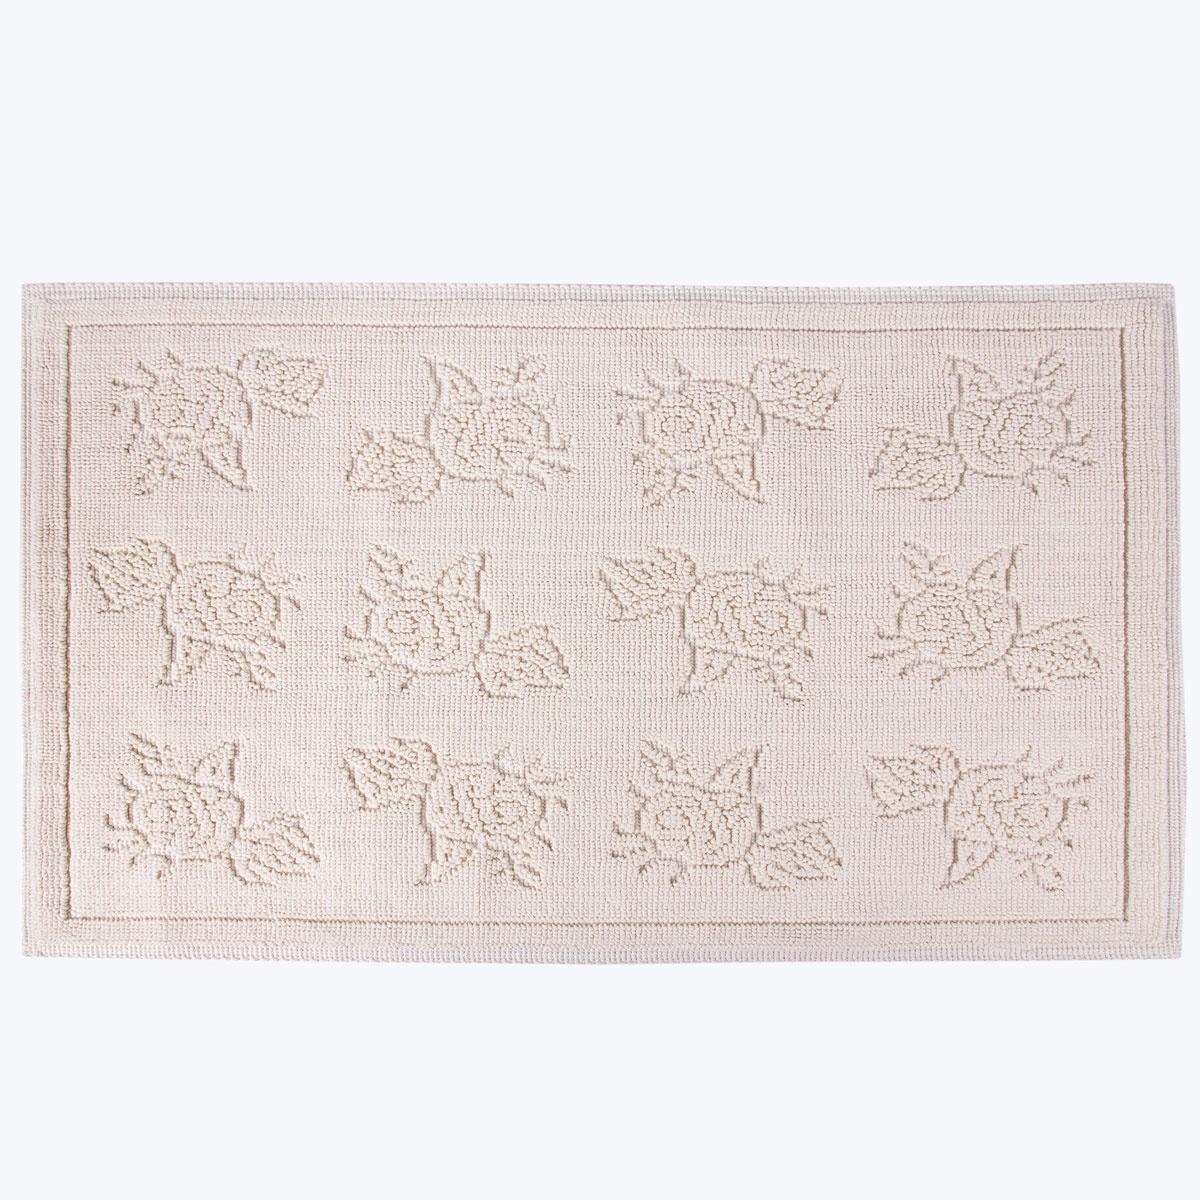 Коврик для ванной Arya home collection Camellia, бежевый коврик arya 60х100 2 пр assos бирюзовый 1126860